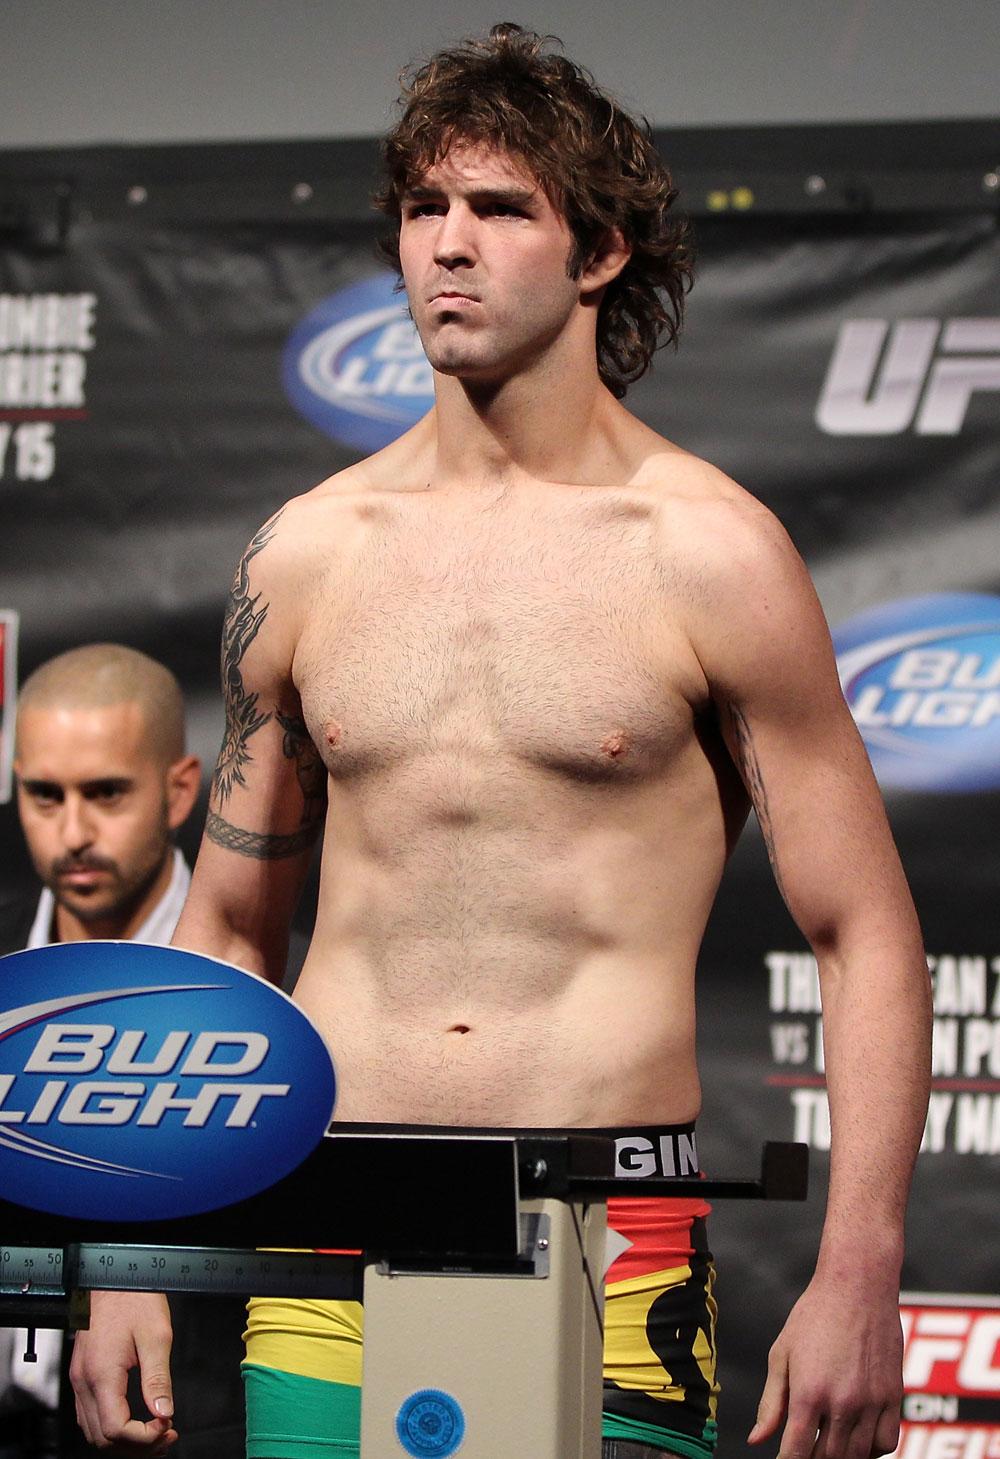 UFC featherweight Cody McKenzie